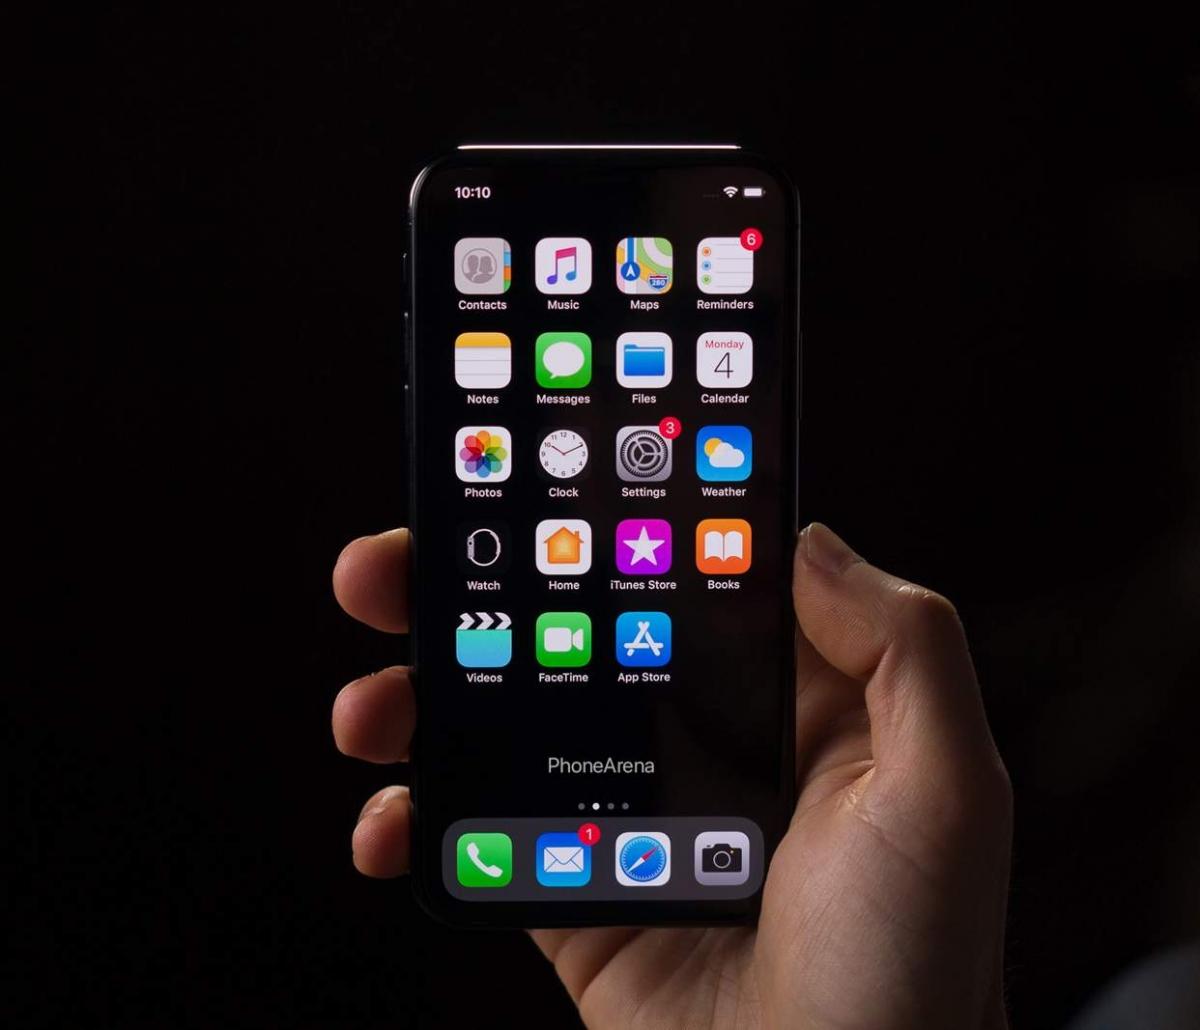 Вот так может выглядеть iPhone XI с iOS13 и тёмной темой